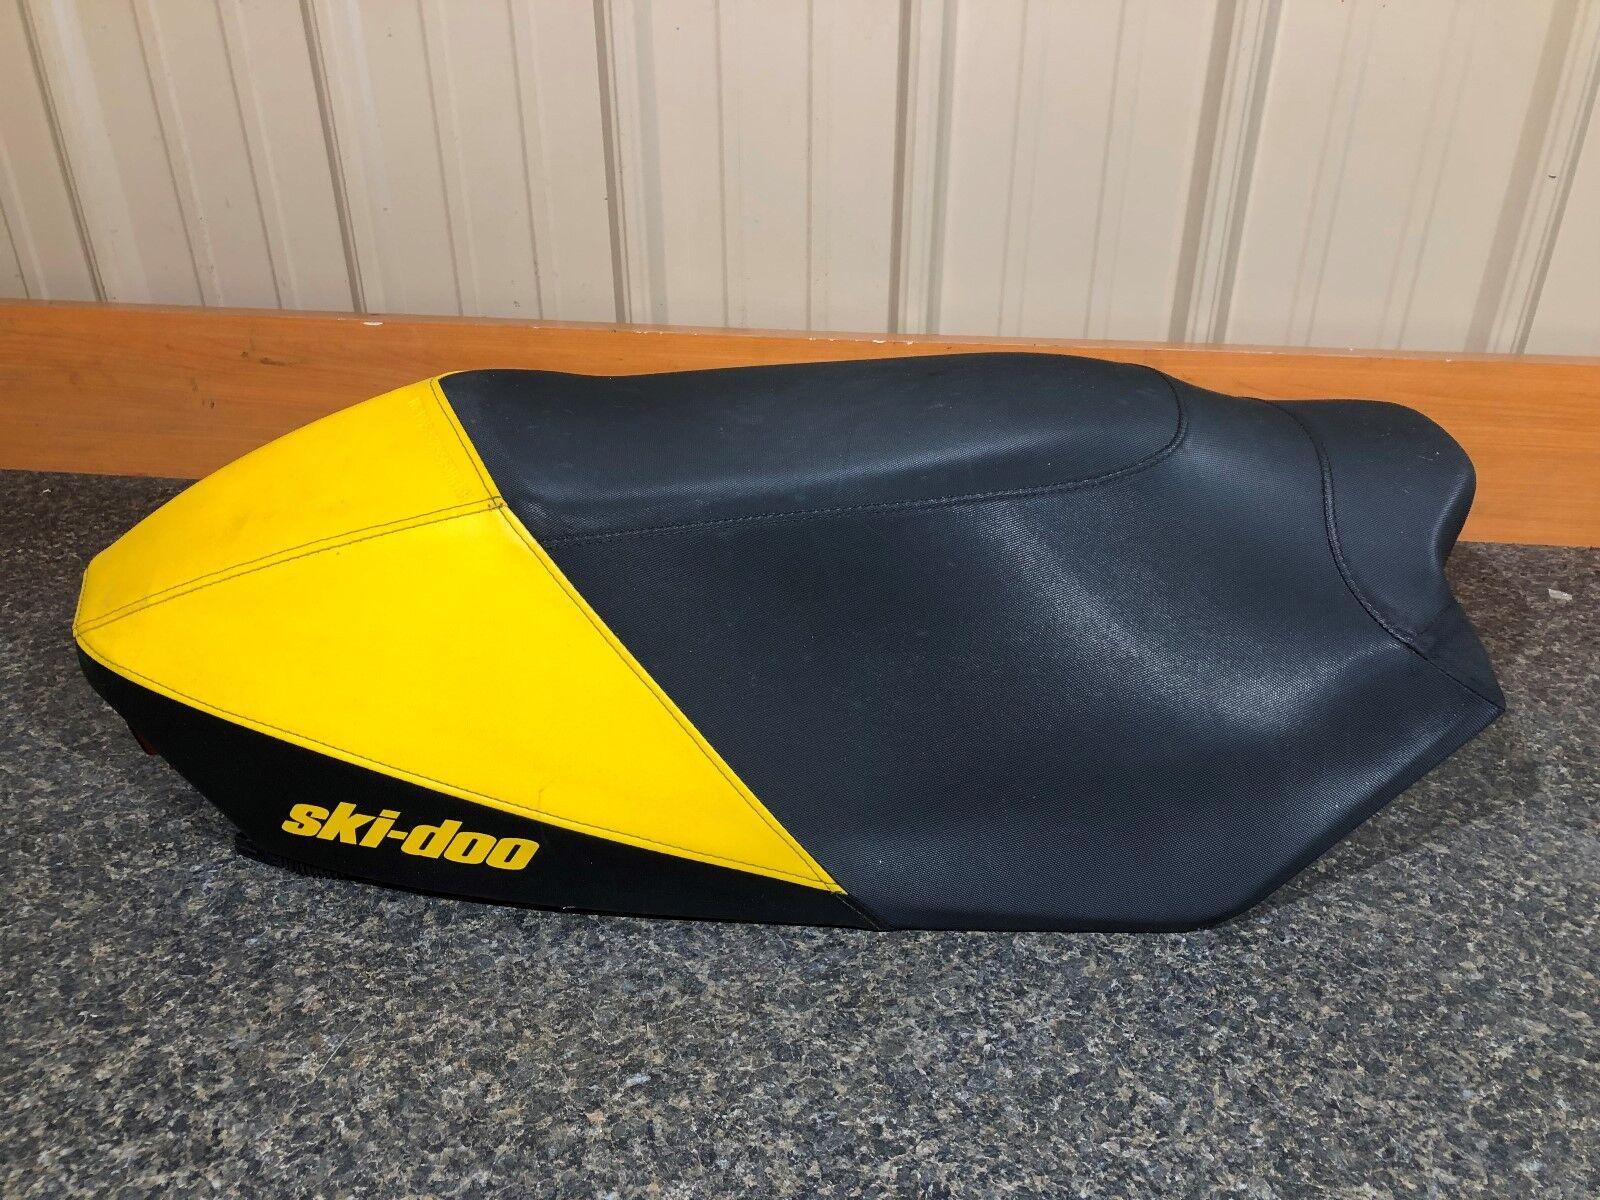 2008-2014 Ski-doo MXZ 600 RS Race Sled Seat Saddle #1014188